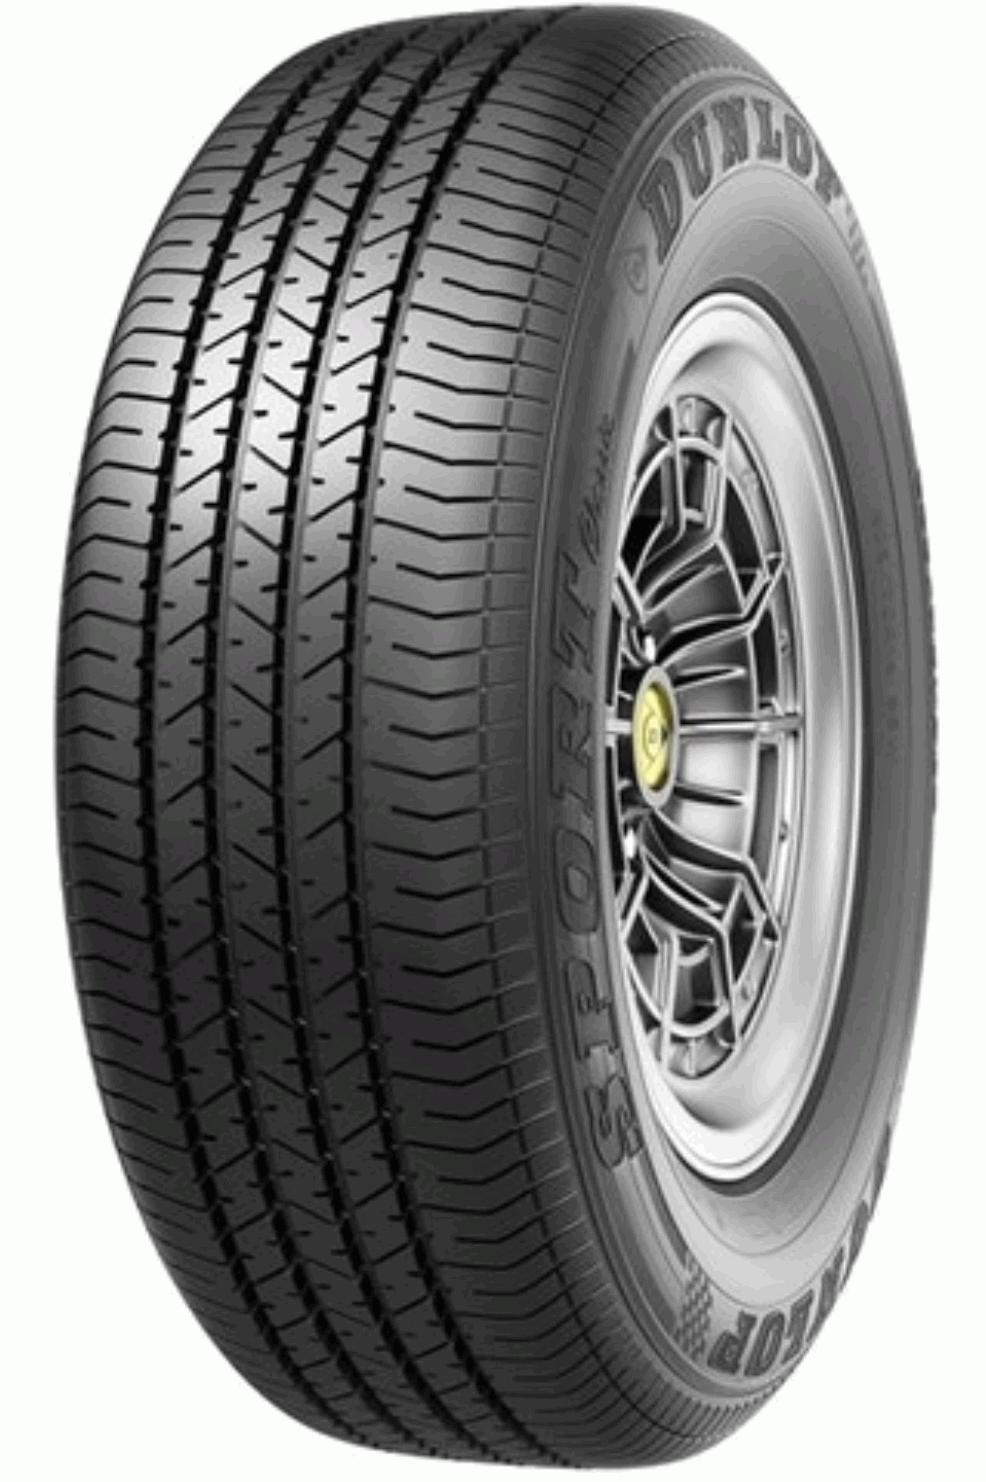 dunlop tyres Vintage